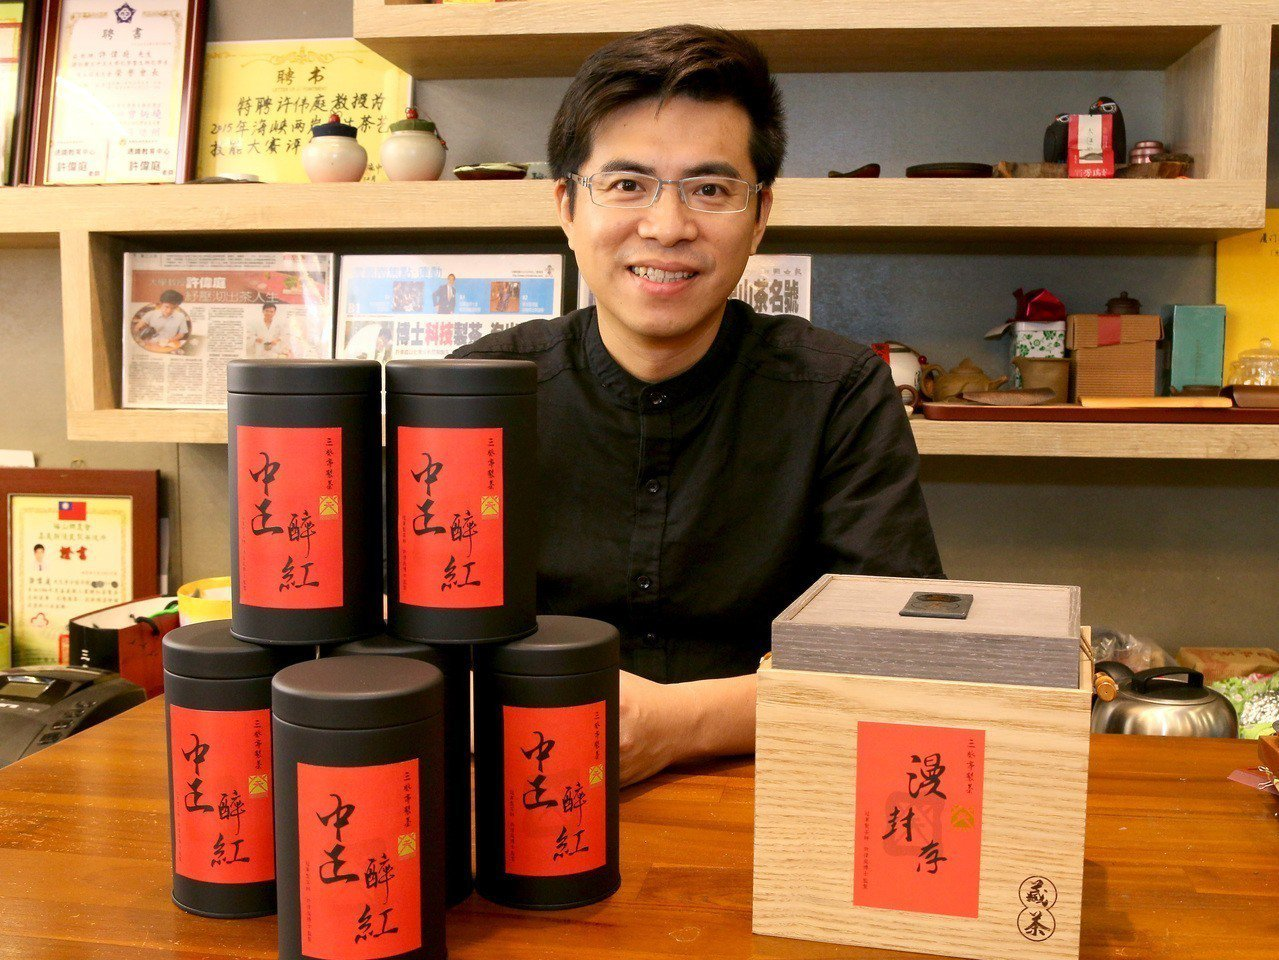 嘉義茶農許偉庭屢將阿里山茶葉推向國際,今年再度與全球高手較勁,以阿里山茶拿下3面...